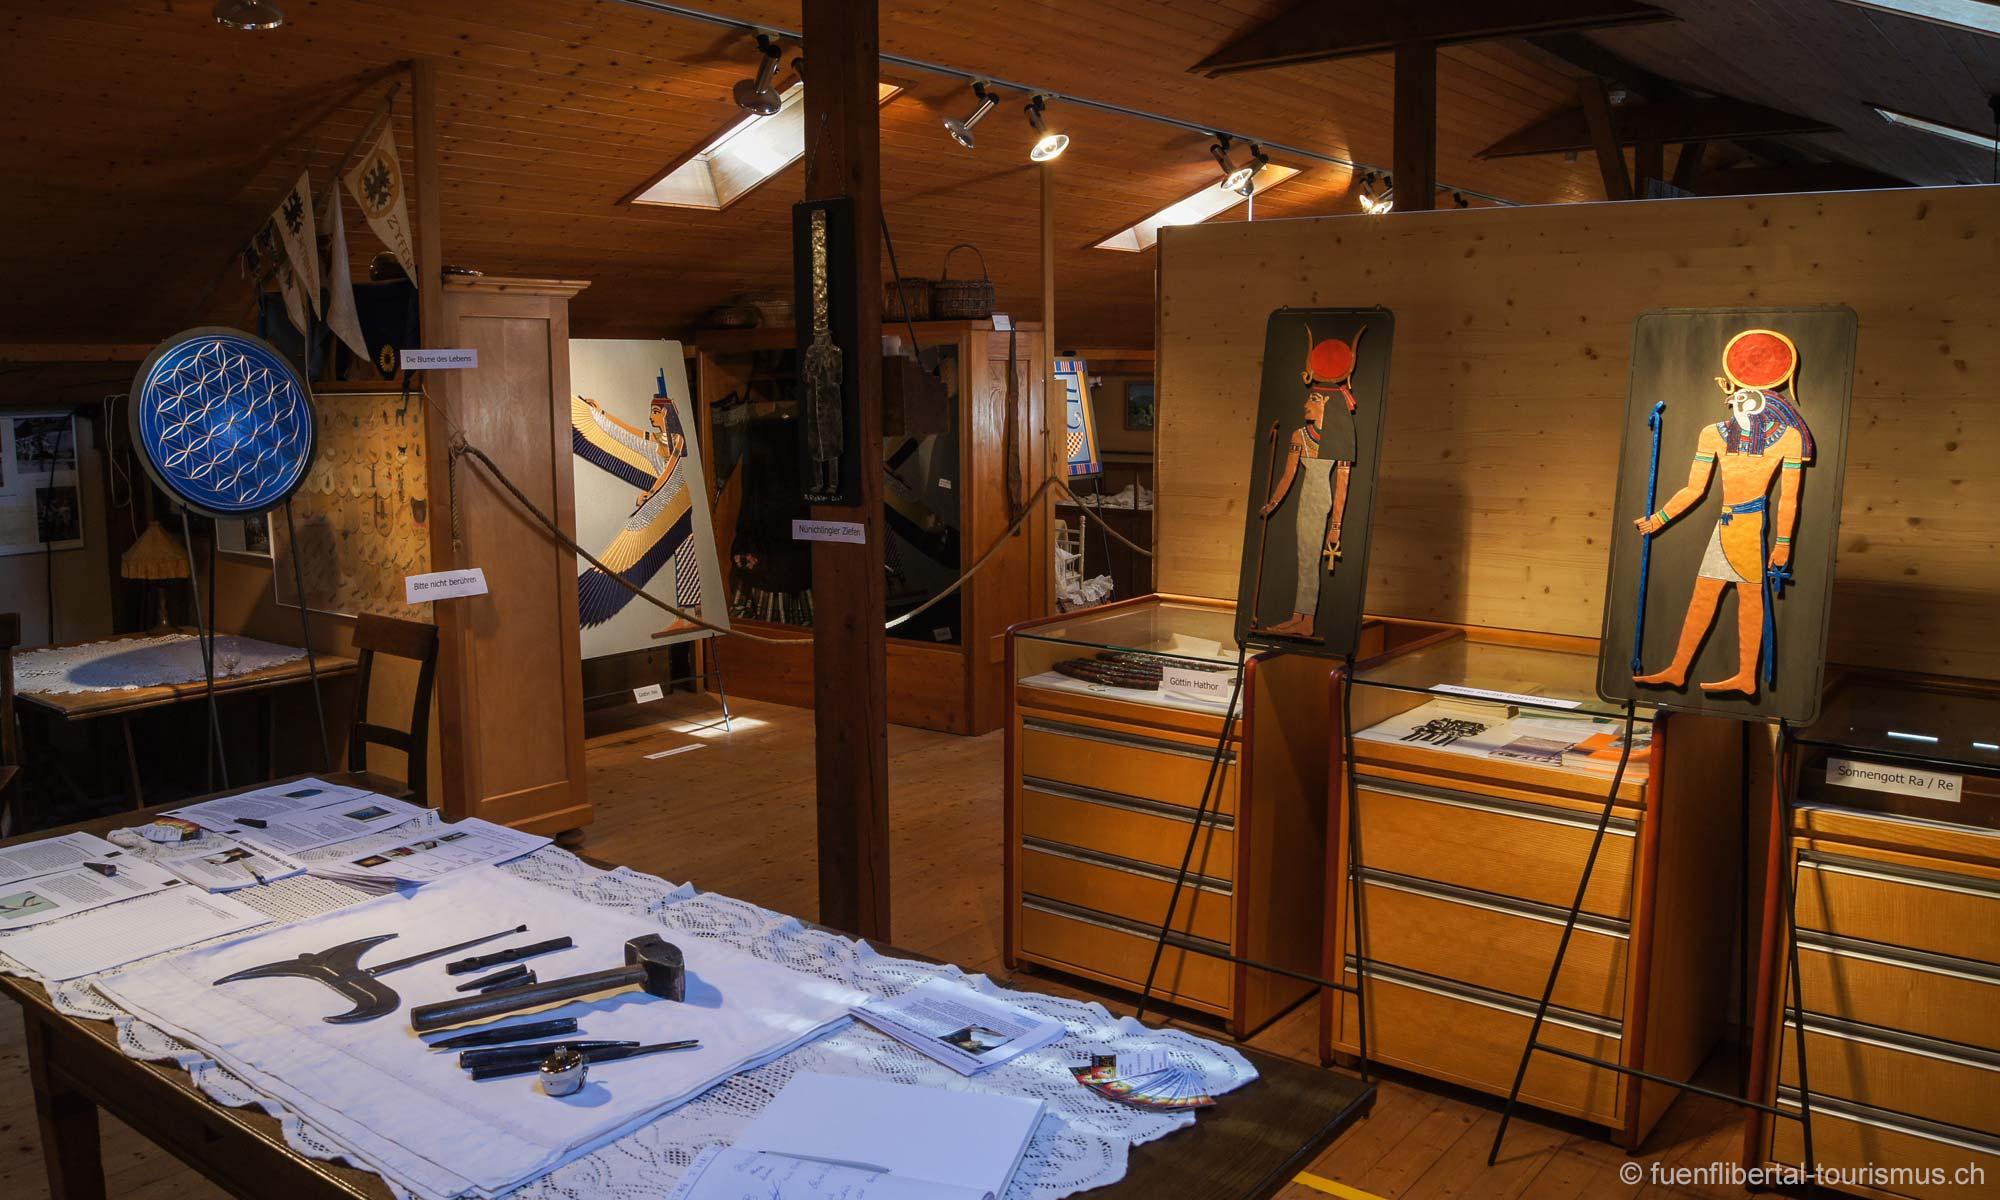 ausstellung mit hammer und meissel im dorfmuseum ziefen 2011 f nflibertal tourismus. Black Bedroom Furniture Sets. Home Design Ideas